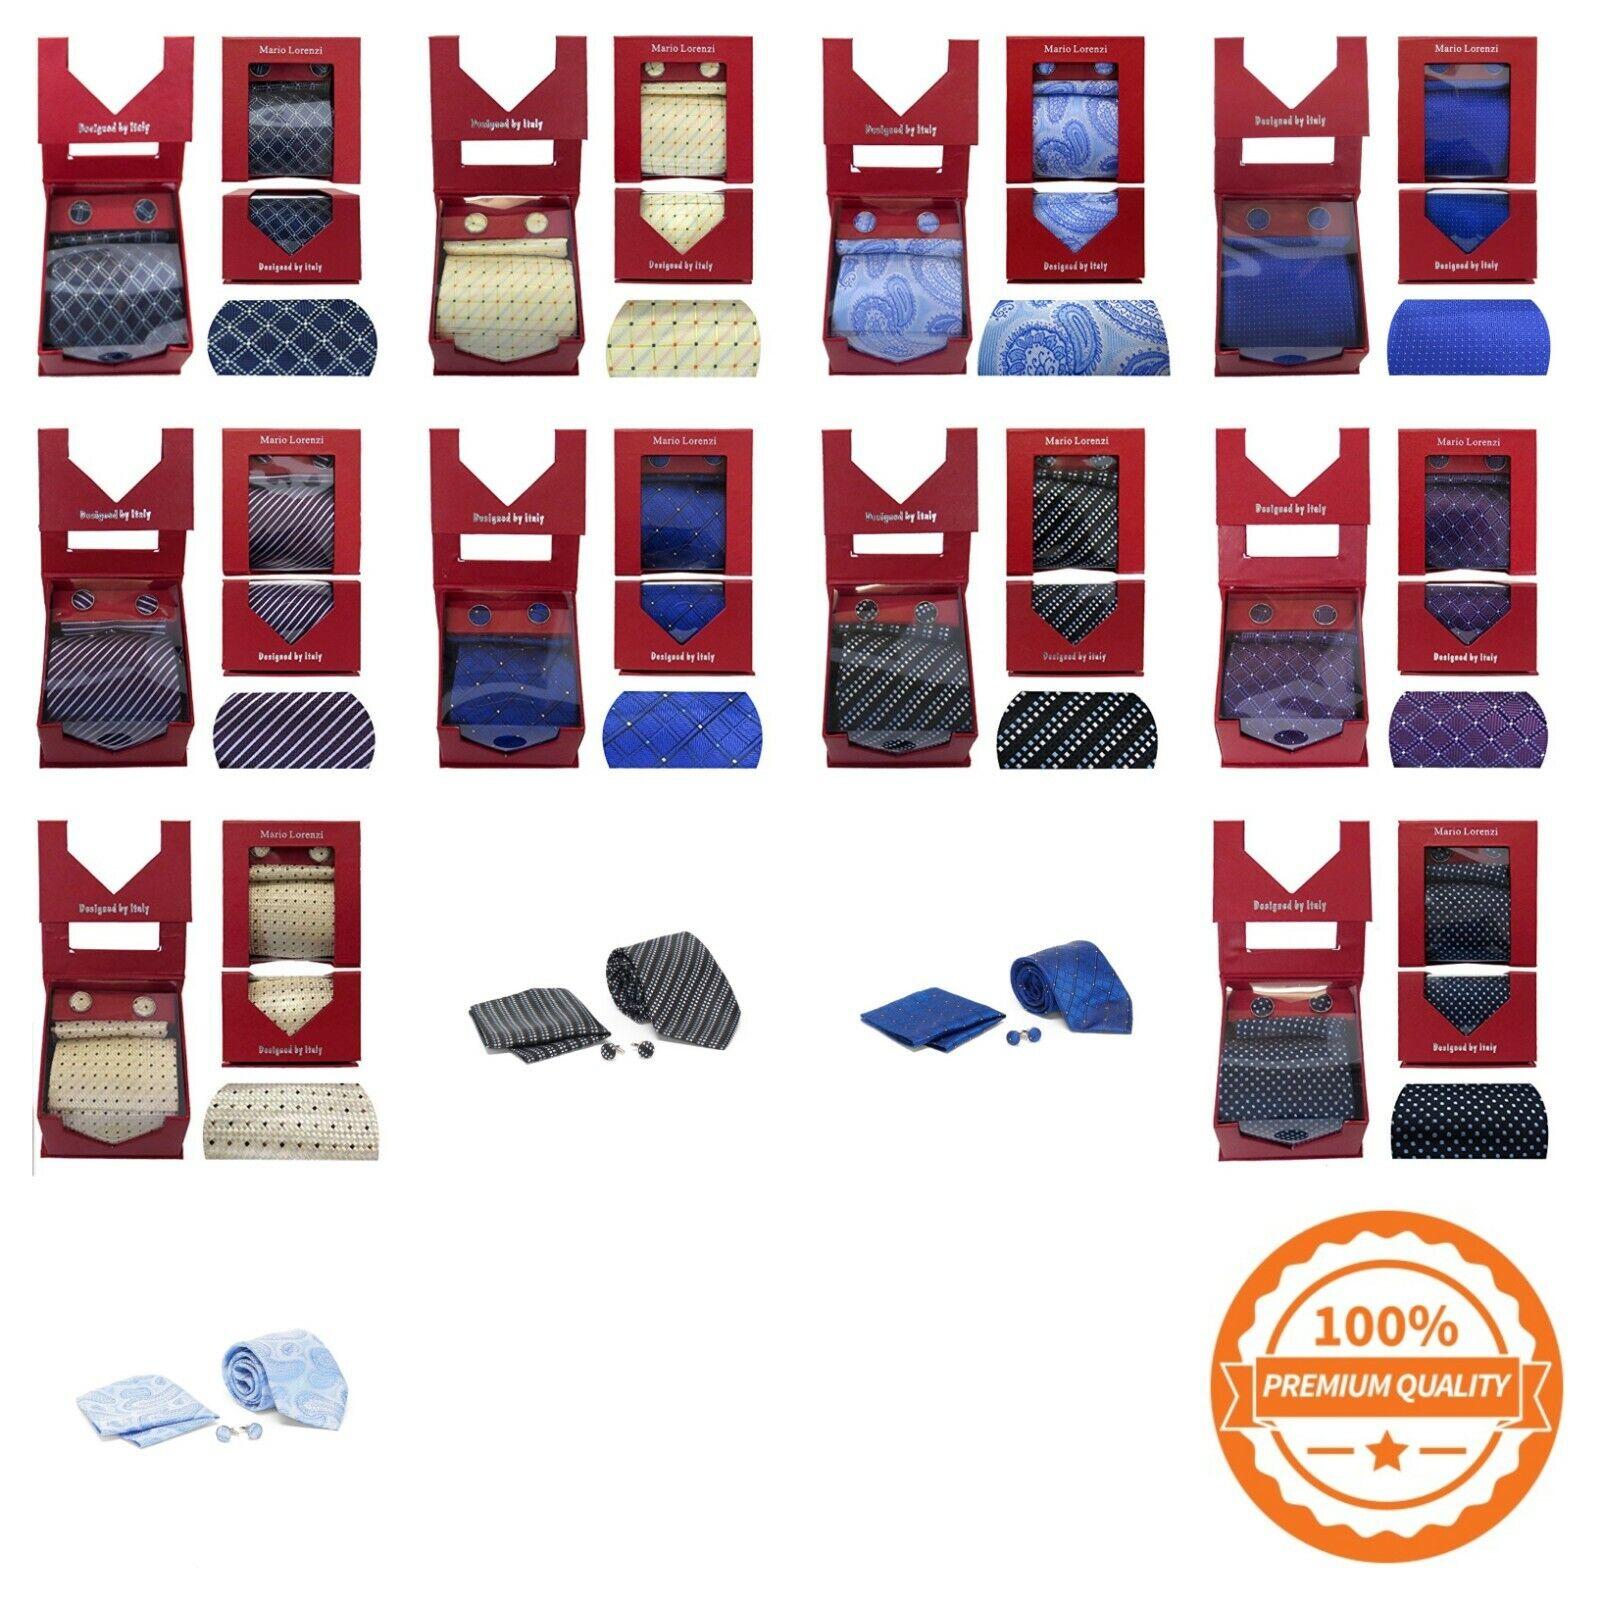 Mario Lorenzi Men's Tie with Matching Handkerchief / Pocket Square and Cufflinks